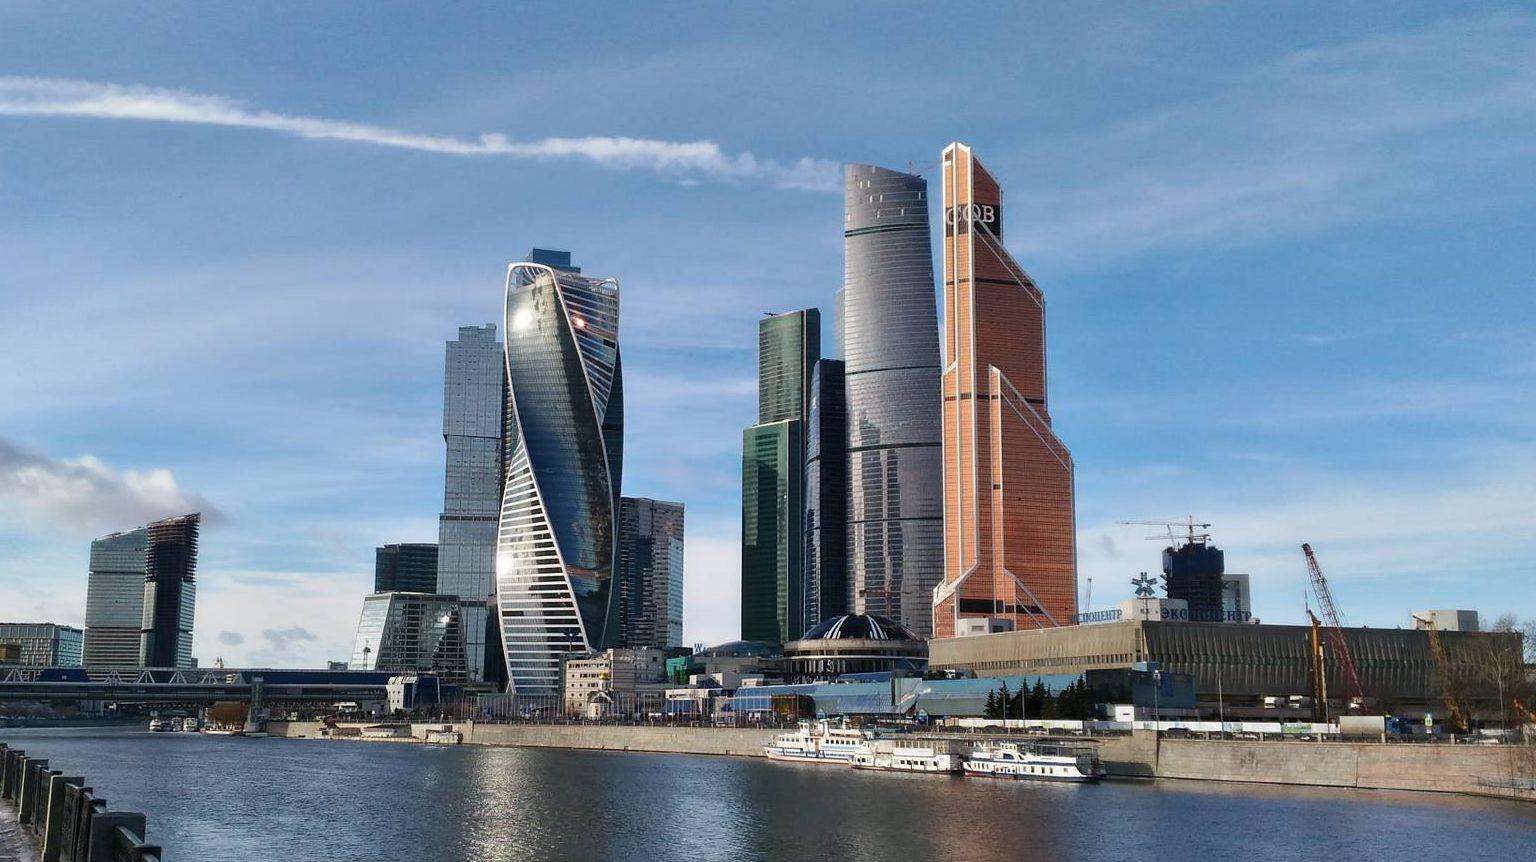 Москва, Москва-Сити, Небоскрёбы